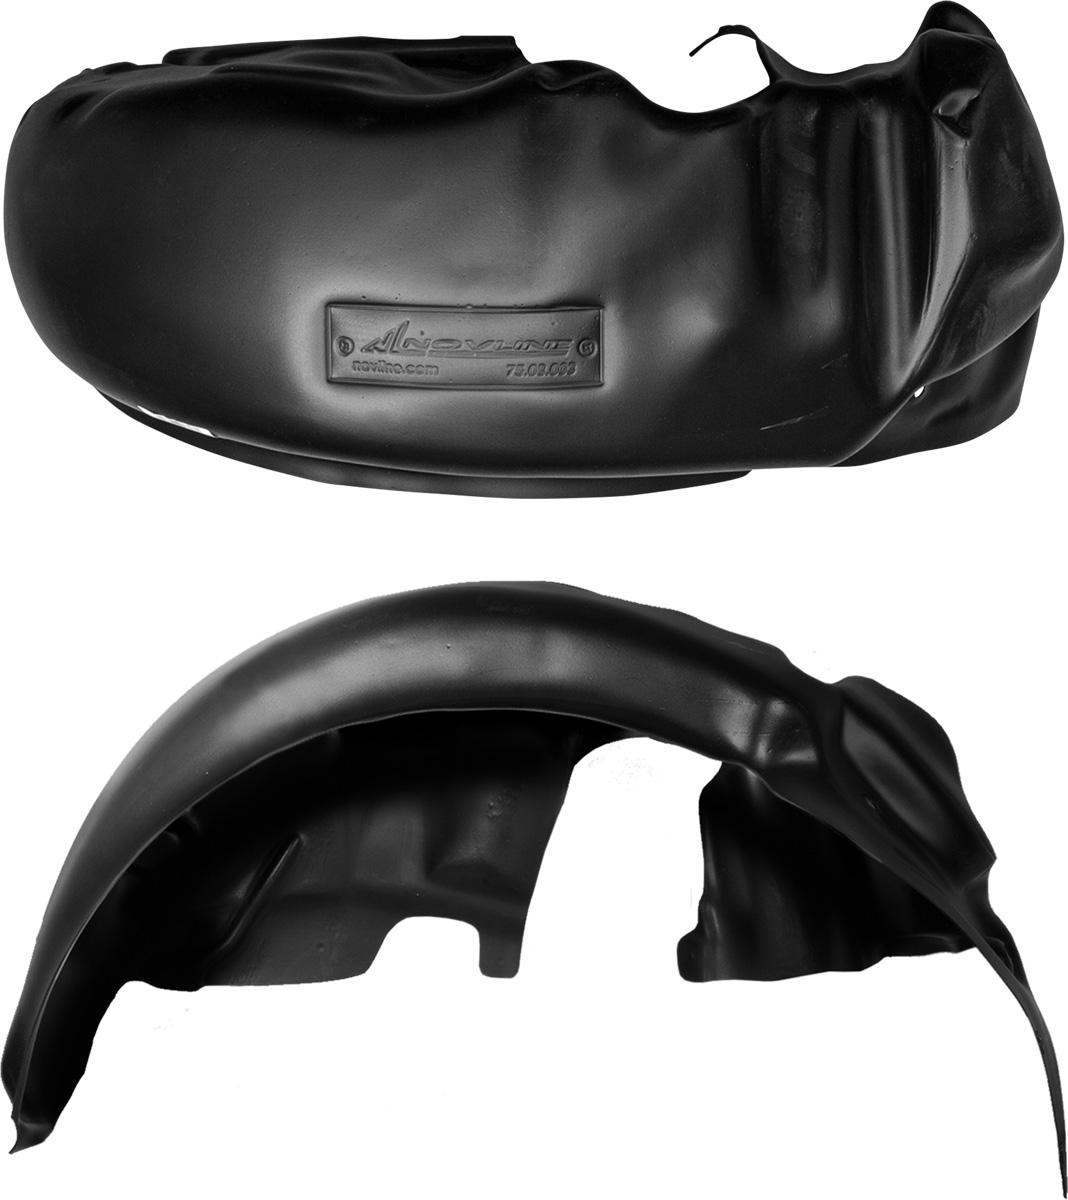 Подкрылок CHEVROLET Cobalt, 2013->, седан, задний левыйNLL.08.17.003Колесные ниши – одни из самых уязвимых зон днища вашего автомобиля. Они постоянно подвергаются воздействию со стороны дороги. Лучшая, почти абсолютная защита для них - специально отформованные пластиковые кожухи, которые называются подкрылками, или локерами. Производятся они как для отечественных моделей автомобилей, так и для иномарок. Подкрылки выполнены из высококачественного, экологически чистого пластика. Обеспечивают надежную защиту кузова автомобиля от пескоструйного эффекта и негативного влияния, агрессивных антигололедных реагентов. Пластик обладает более низкой теплопроводностью, чем металл, поэтому в зимний период эксплуатации использование пластиковых подкрылков позволяет лучше защитить колесные ниши от налипания снега и образования наледи. Оригинальность конструкции подчеркивает элегантность автомобиля, бережно защищает нанесенное на днище кузова антикоррозийное покрытие и позволяет осуществить крепление подкрылков внутри колесной арки практически без дополнительного...